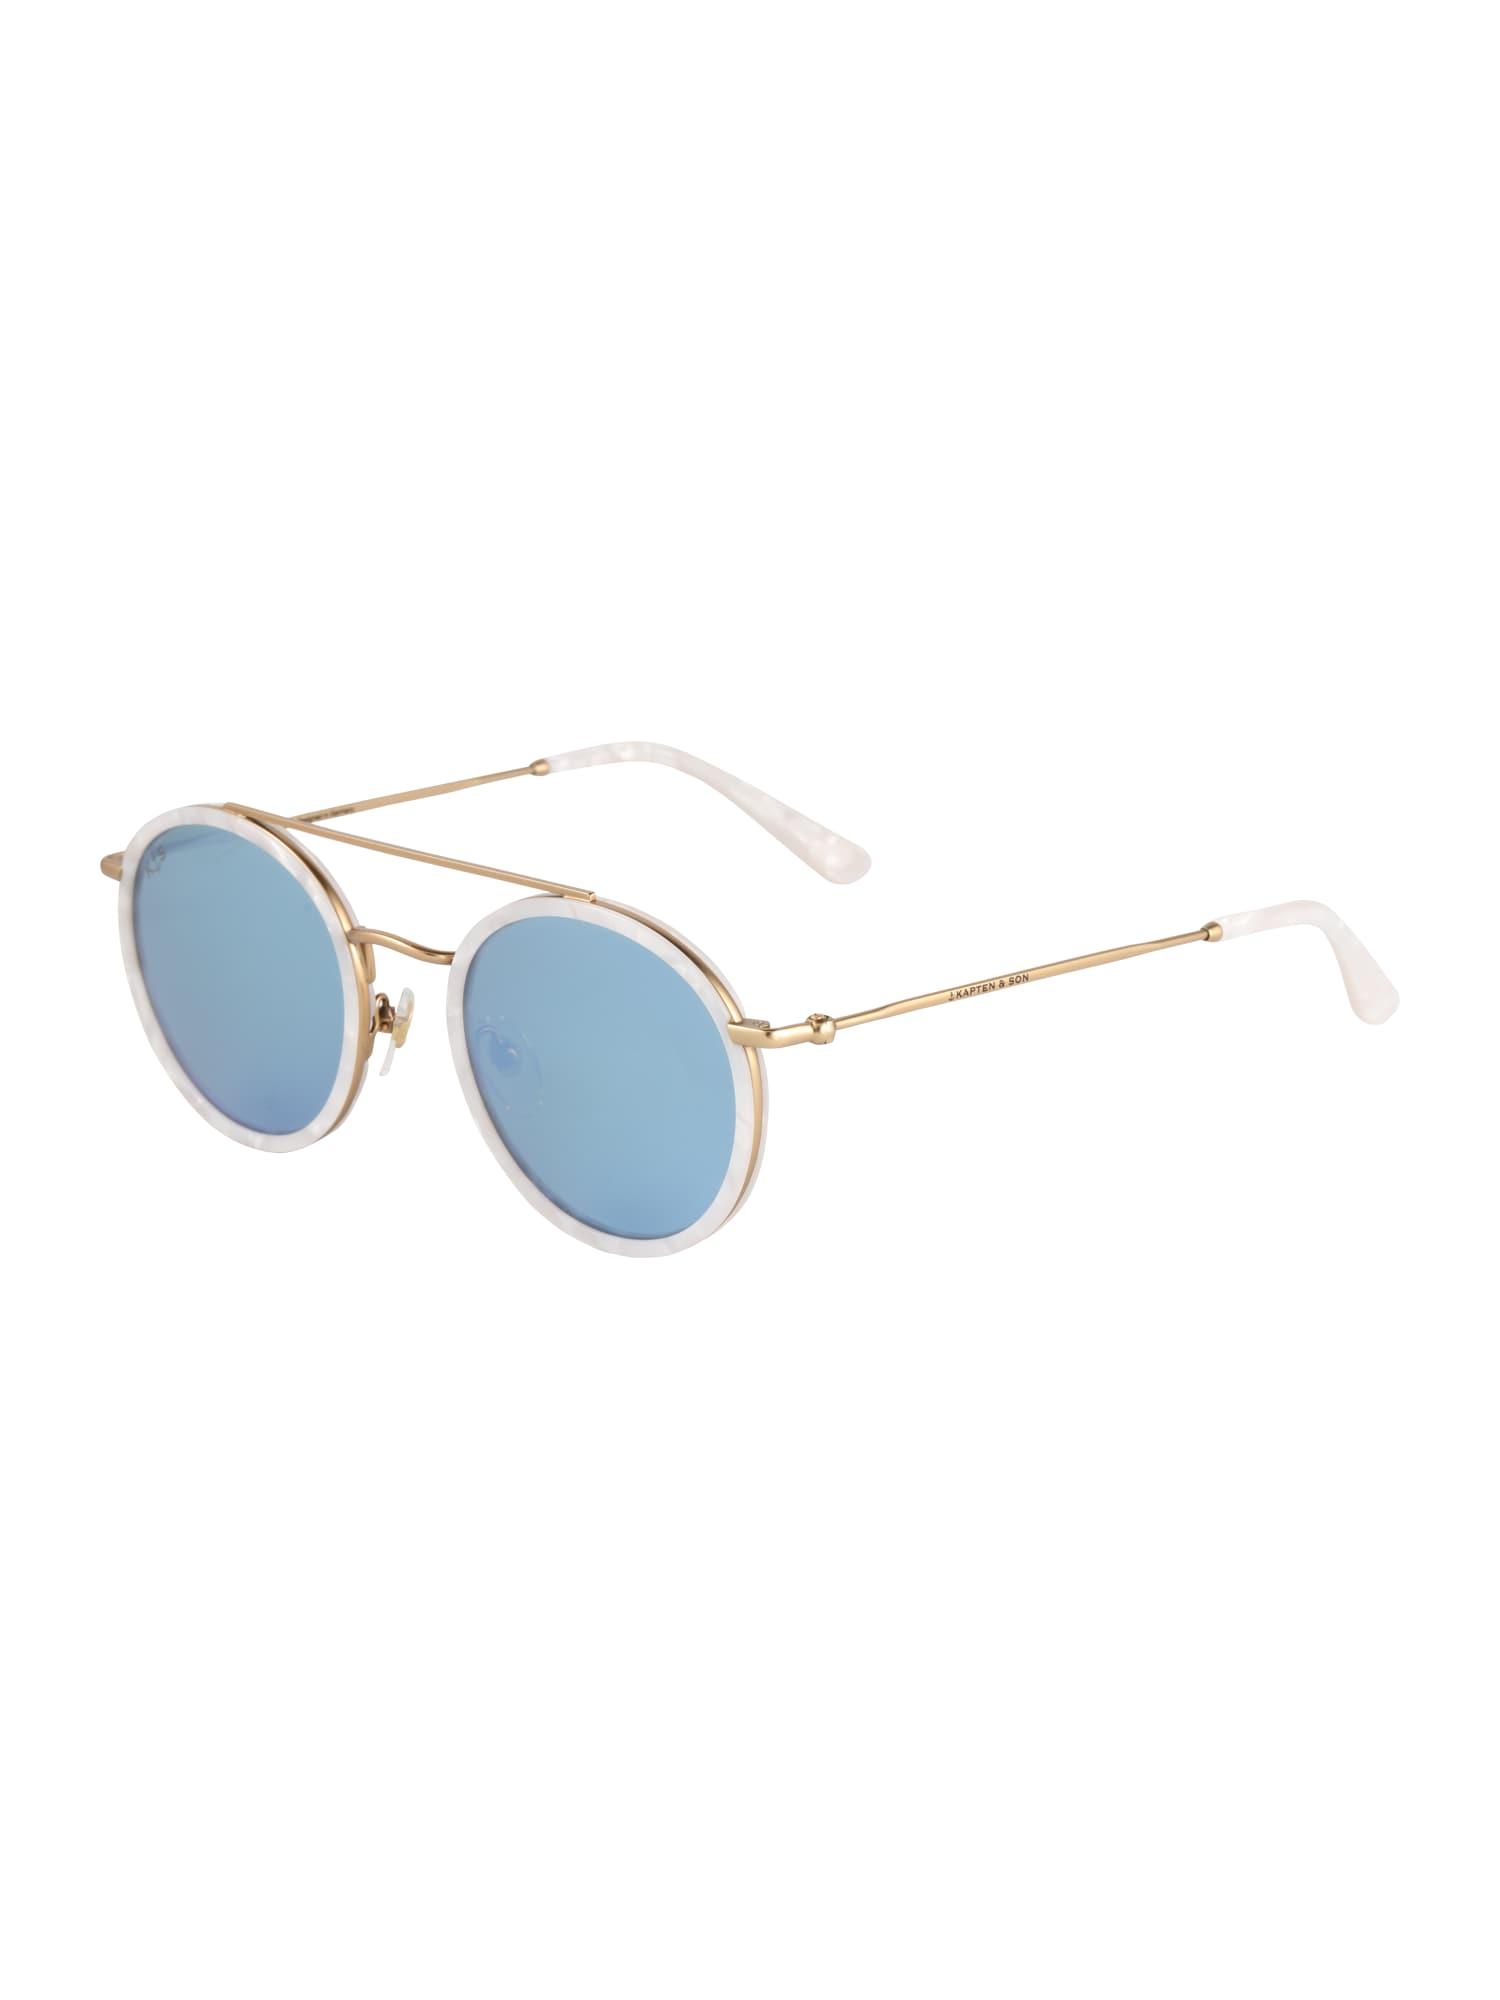 Sluneční brýle Bondi modrá zlatá Kapten & Son